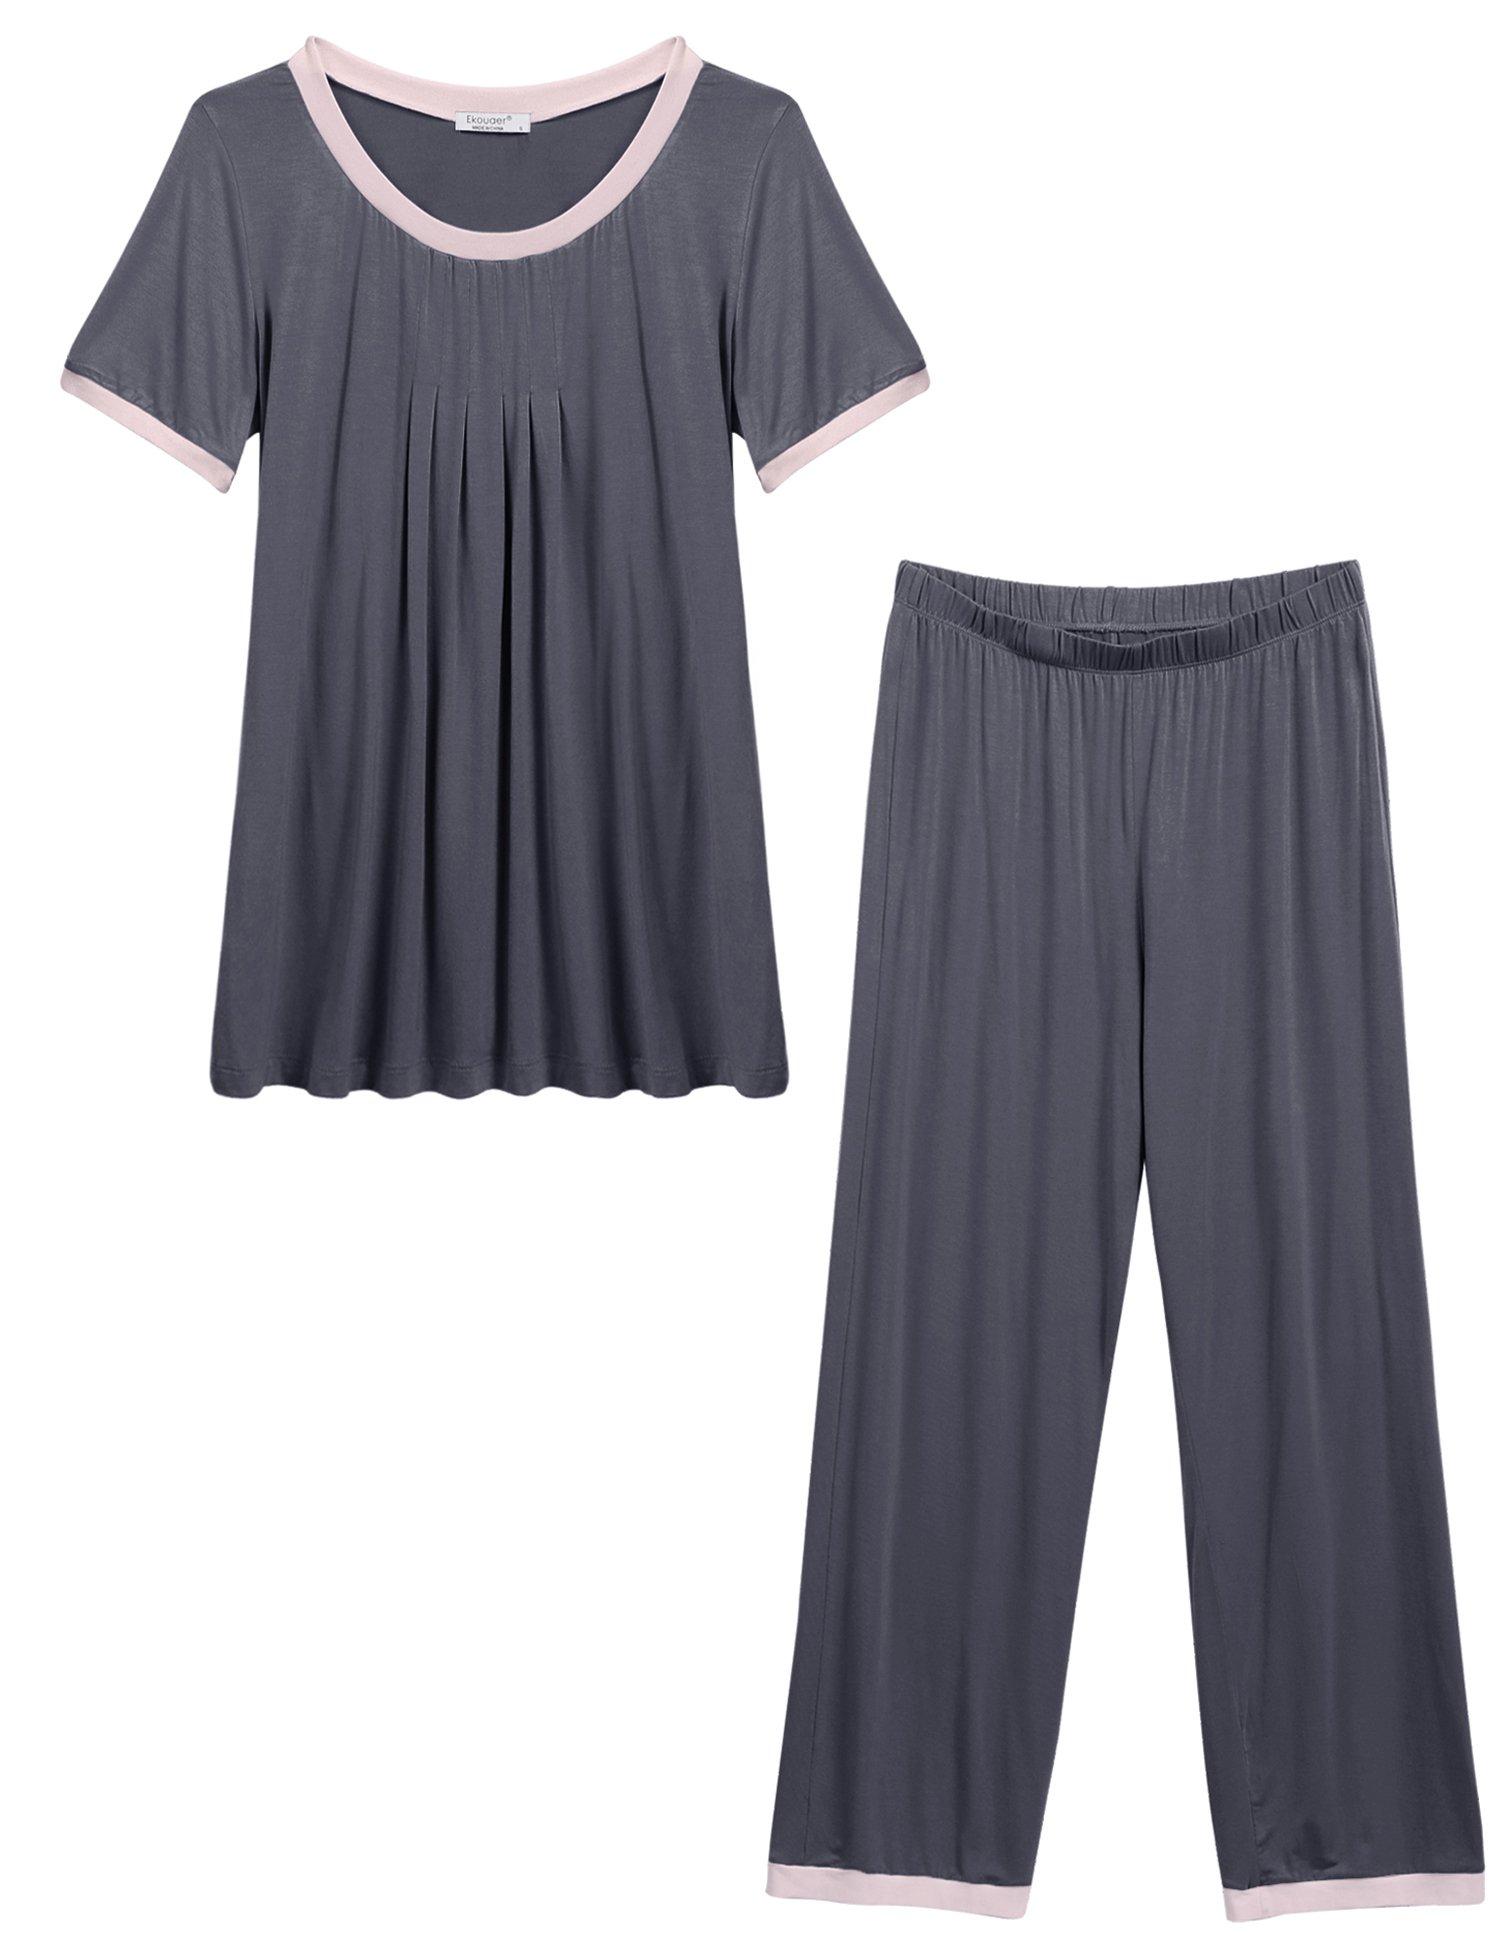 Ekouaer Women's Pajama, Comfort Fit Top and Pants(Dark Grey M)